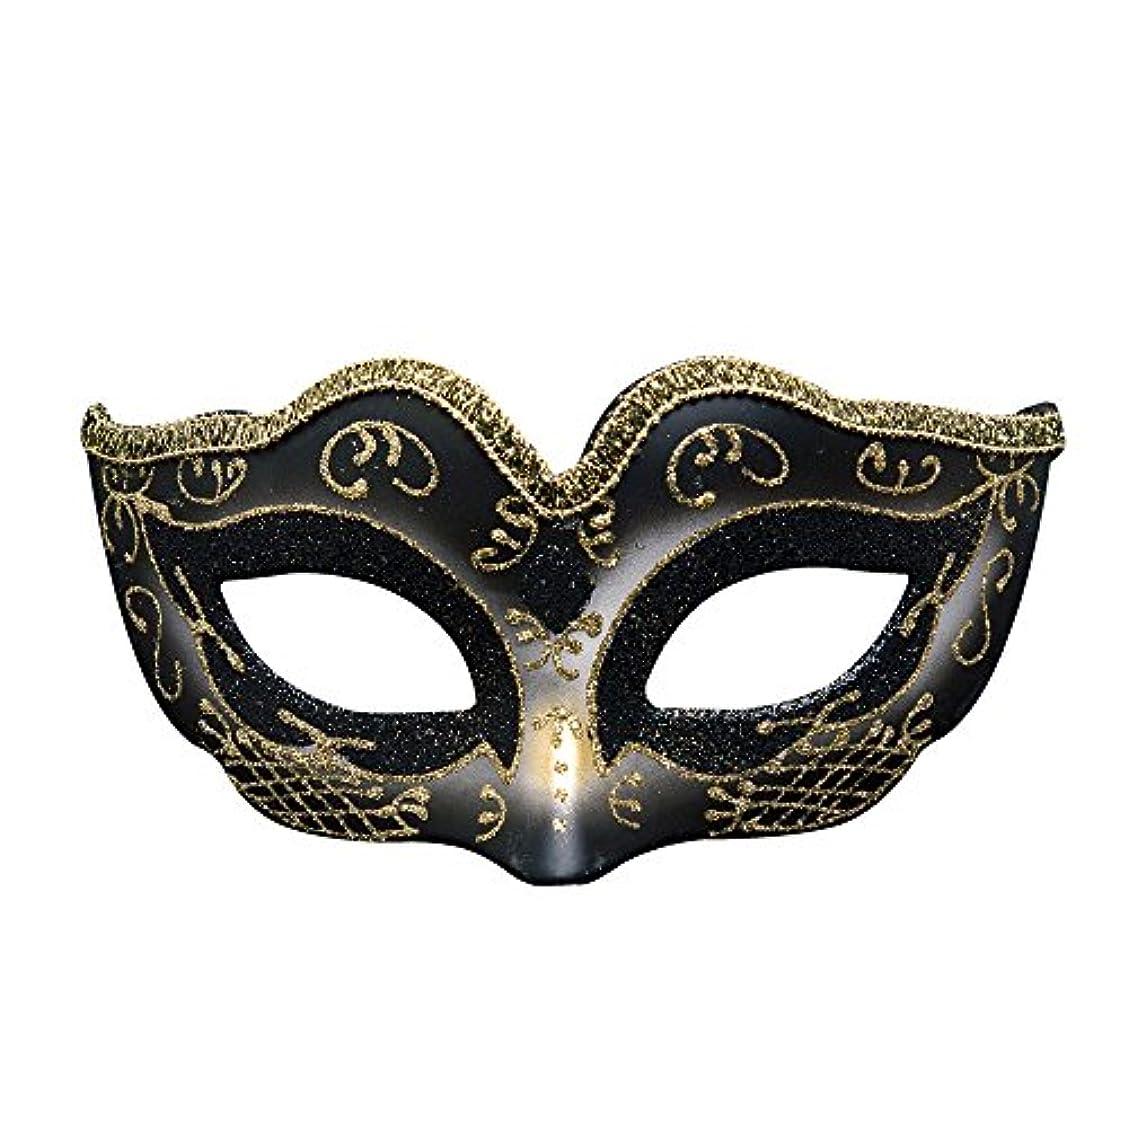 サイクロプス接尾辞チョップクリエイティブカスタム子供のなりすましパーティーハロウィーンマスククリスマス雰囲気マスク (Color : F)